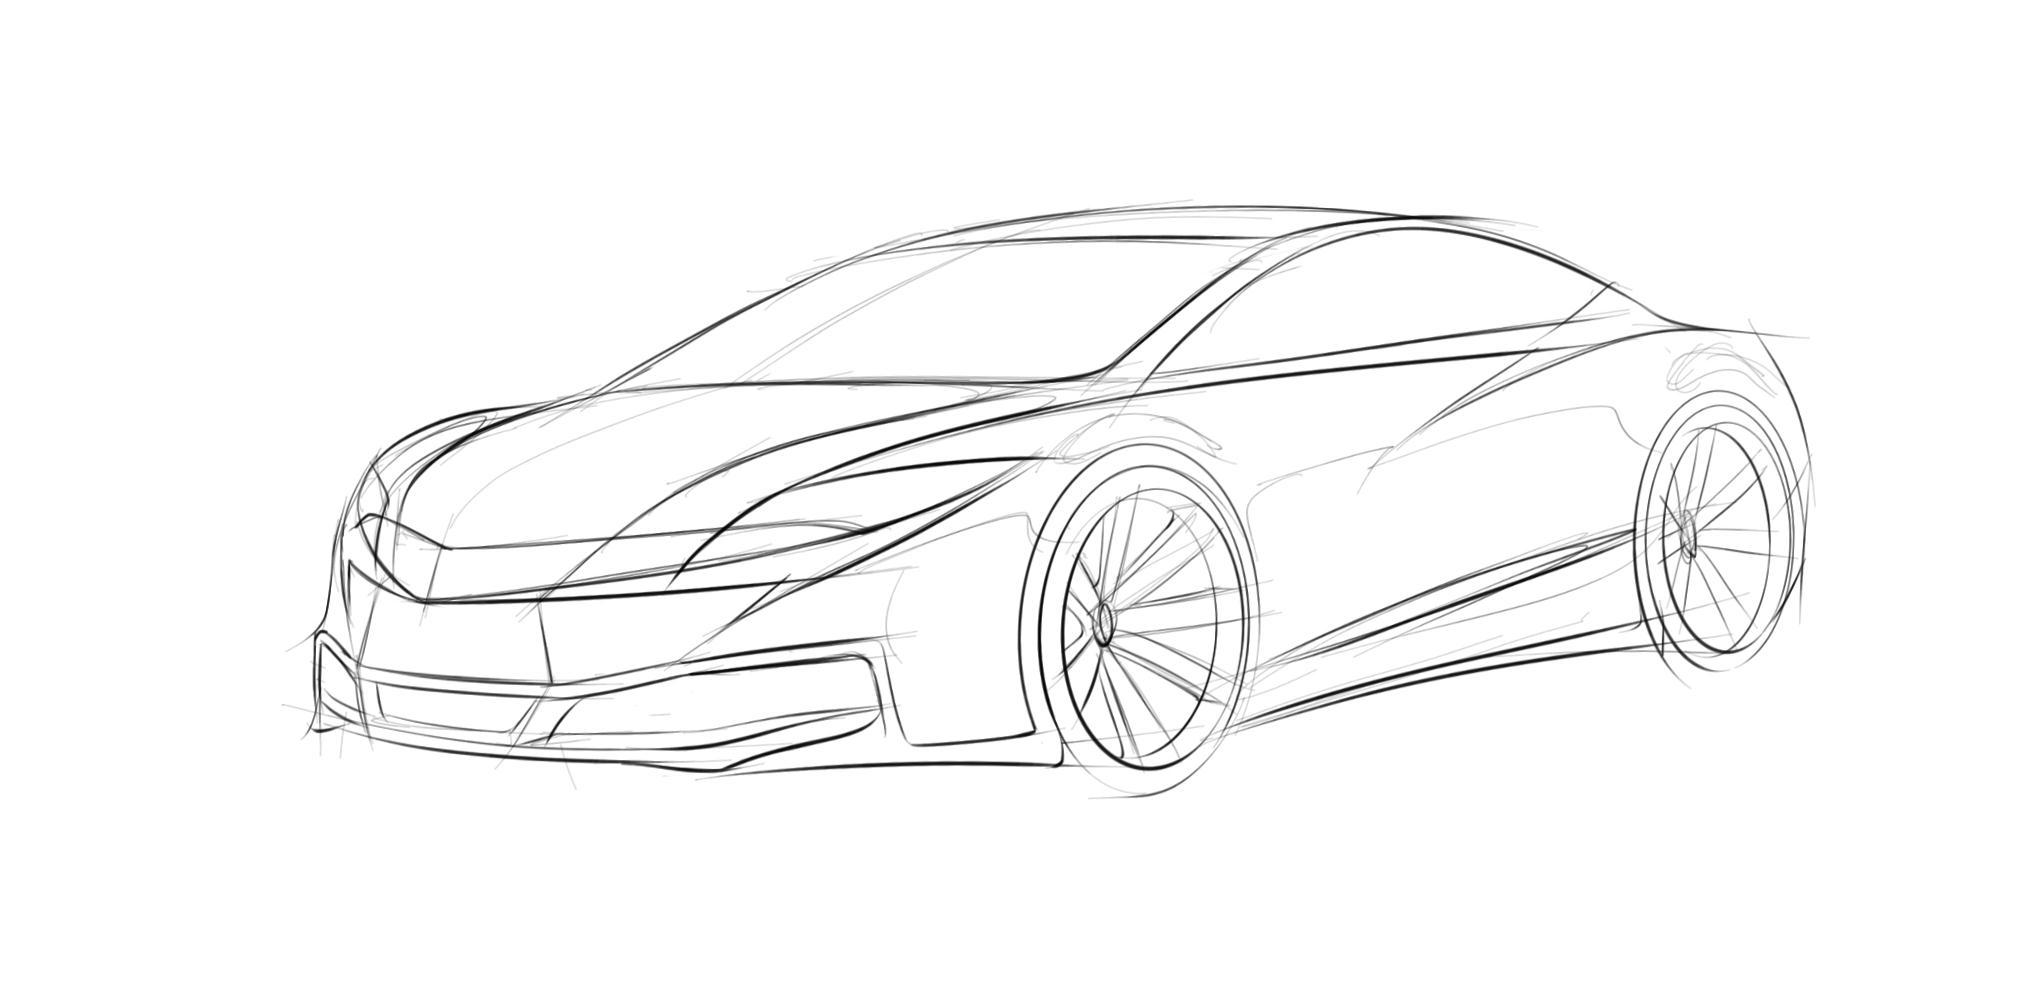 原创汽车造型设计表现手绘教程